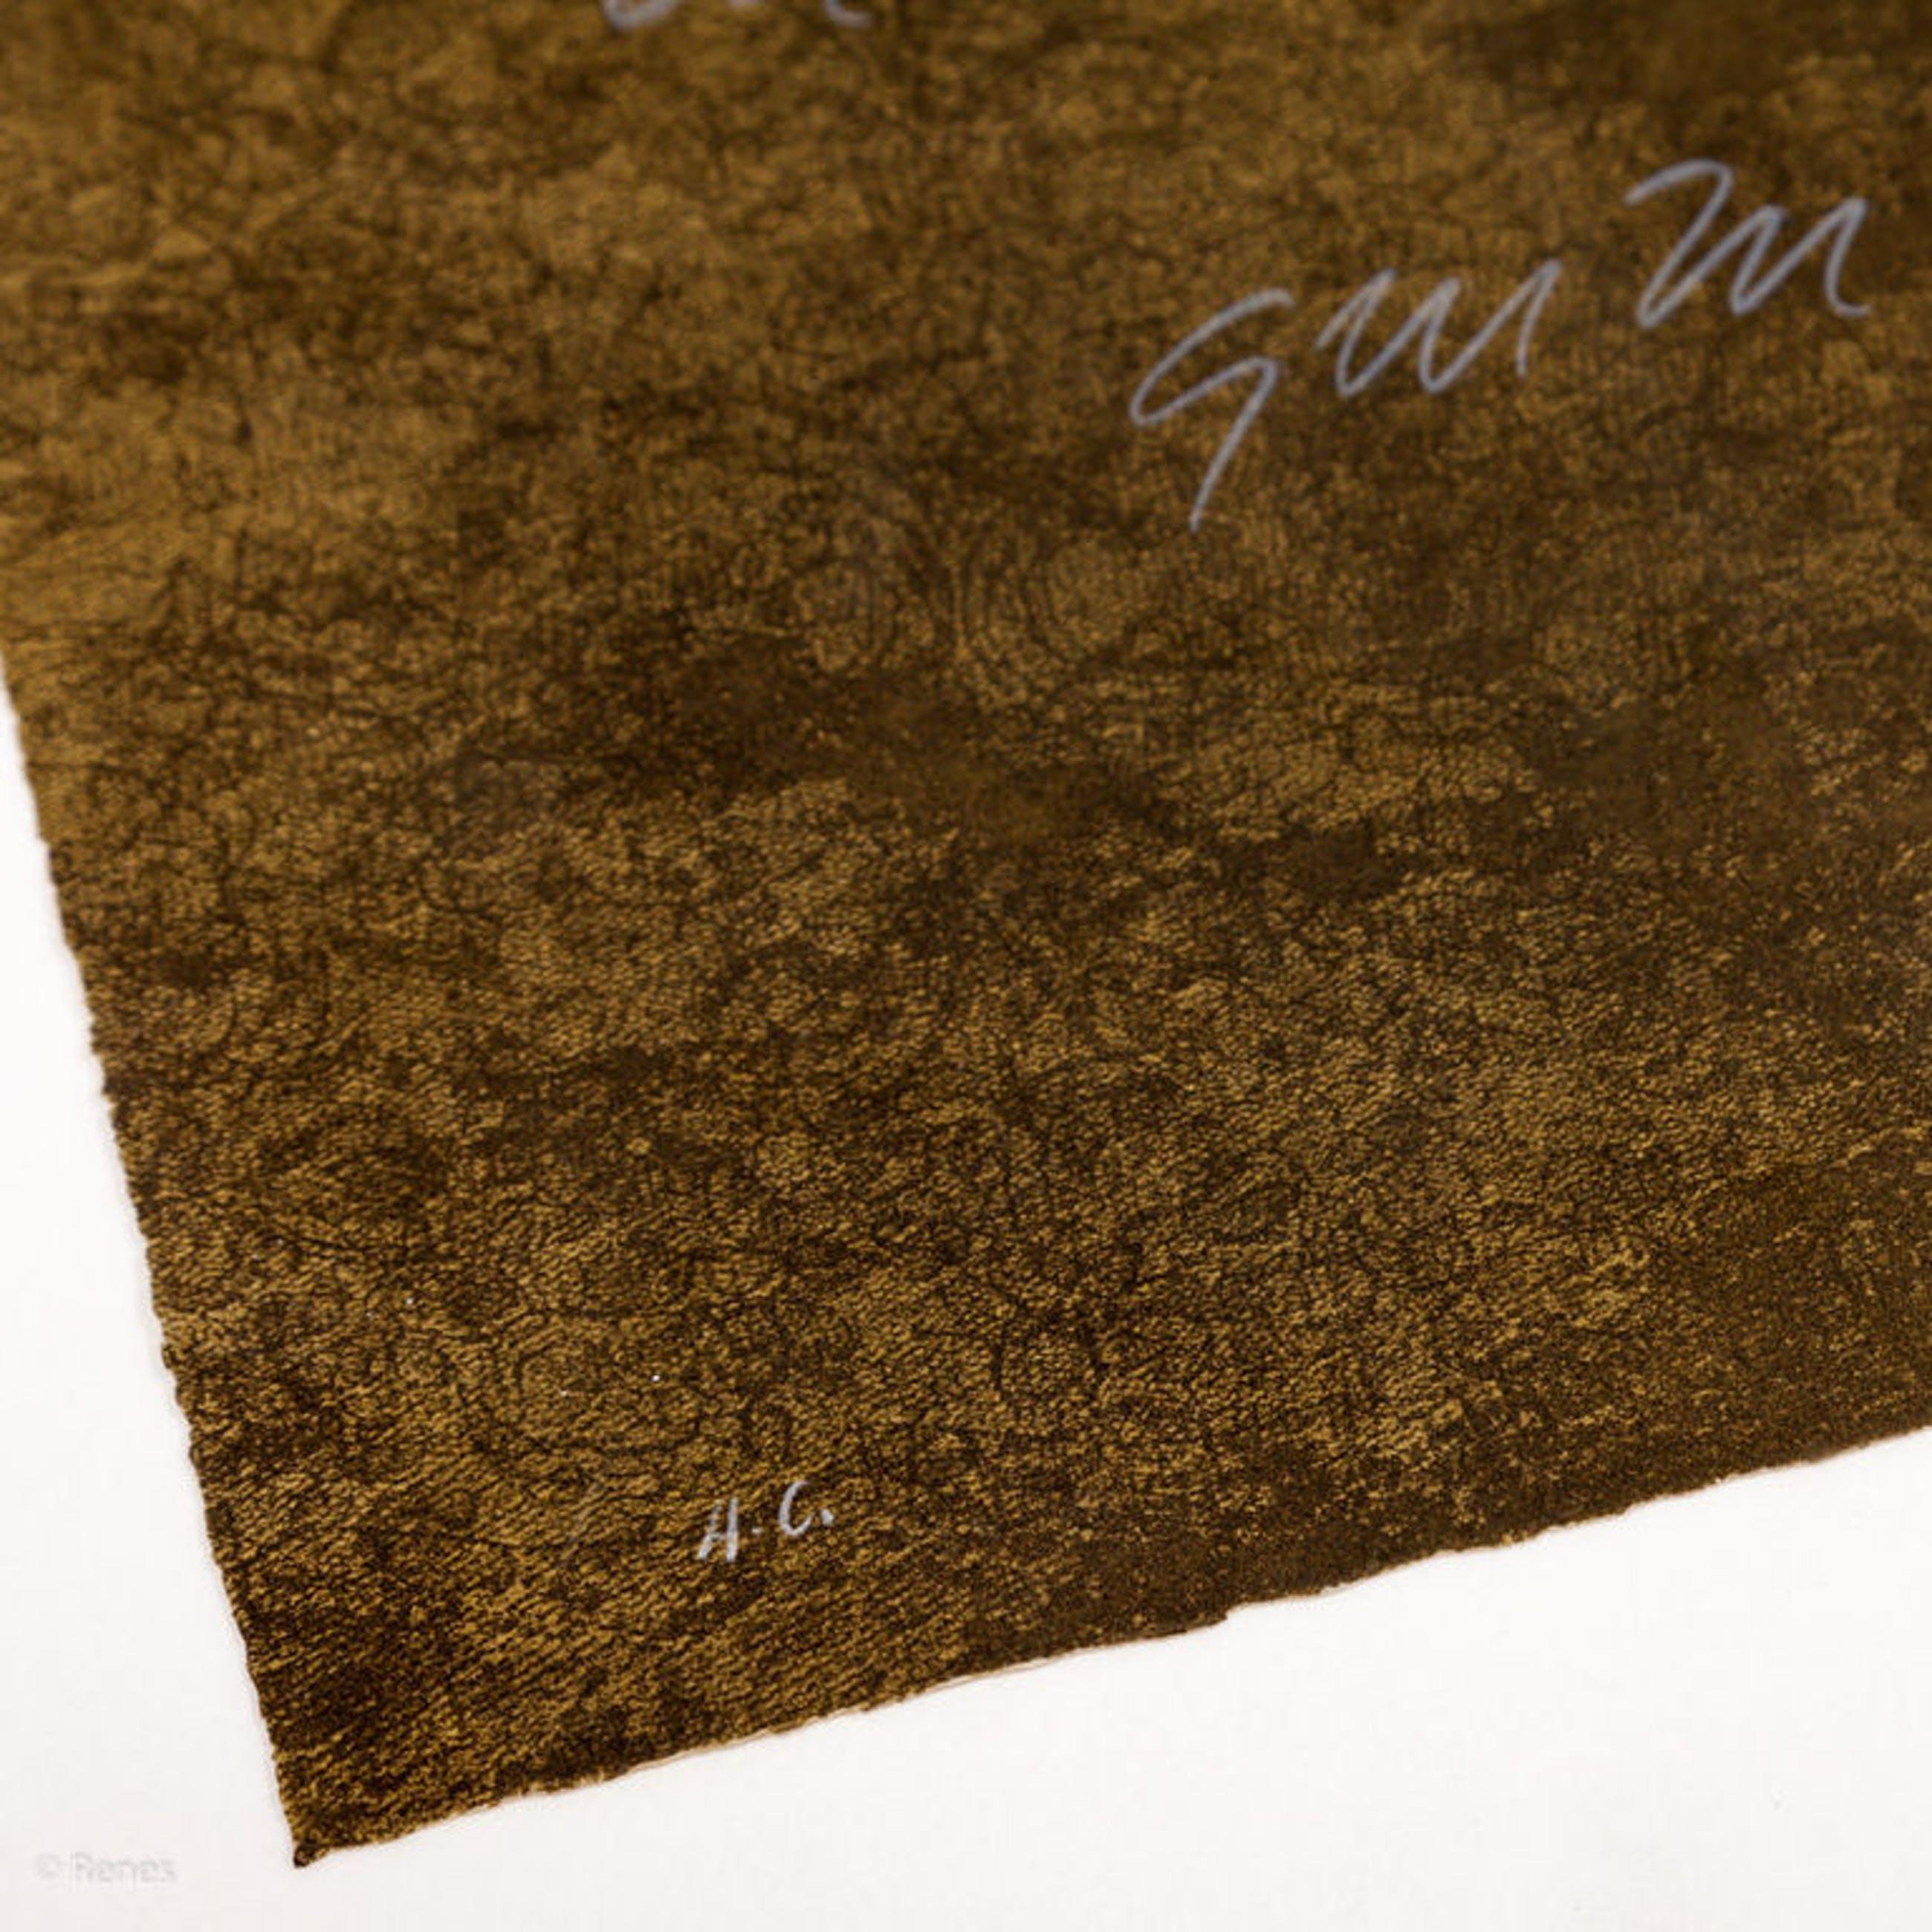 Guillermo Conte 'El corazón' - kleuren ets, H.C, handgesigneerd, 1999 kopen? Bied vanaf 139!